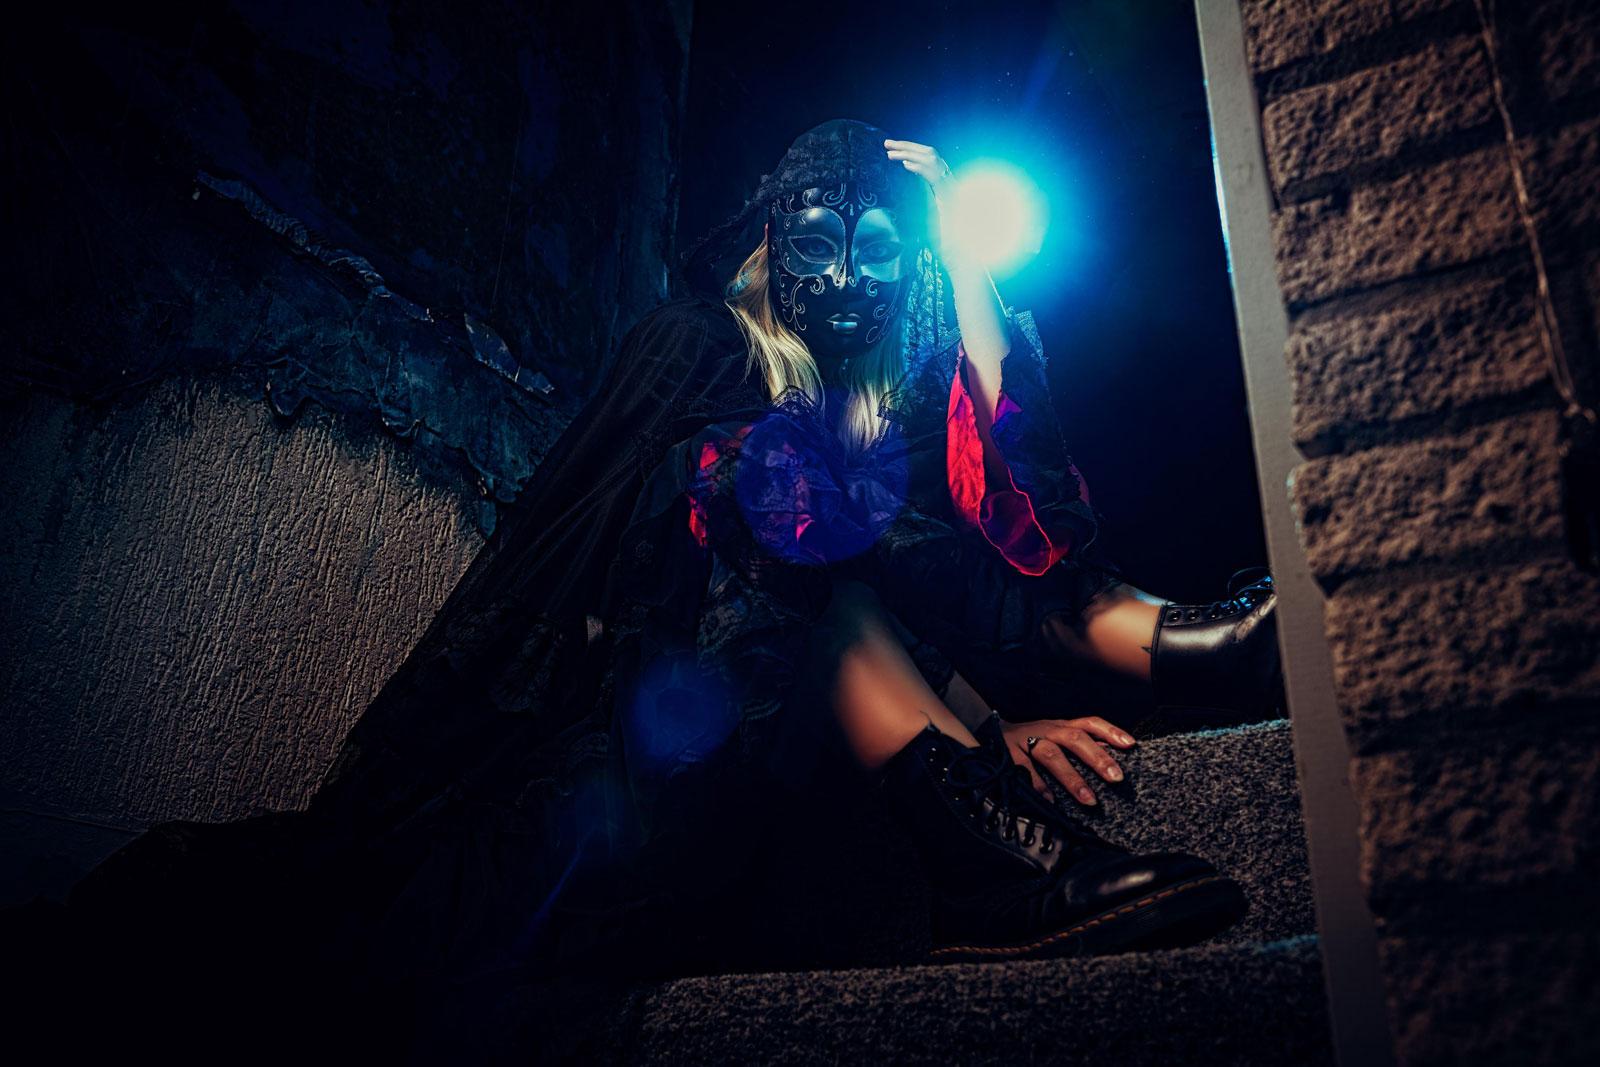 foto: © Frank Doorhof - vrouw met masker op trap bij gebouw